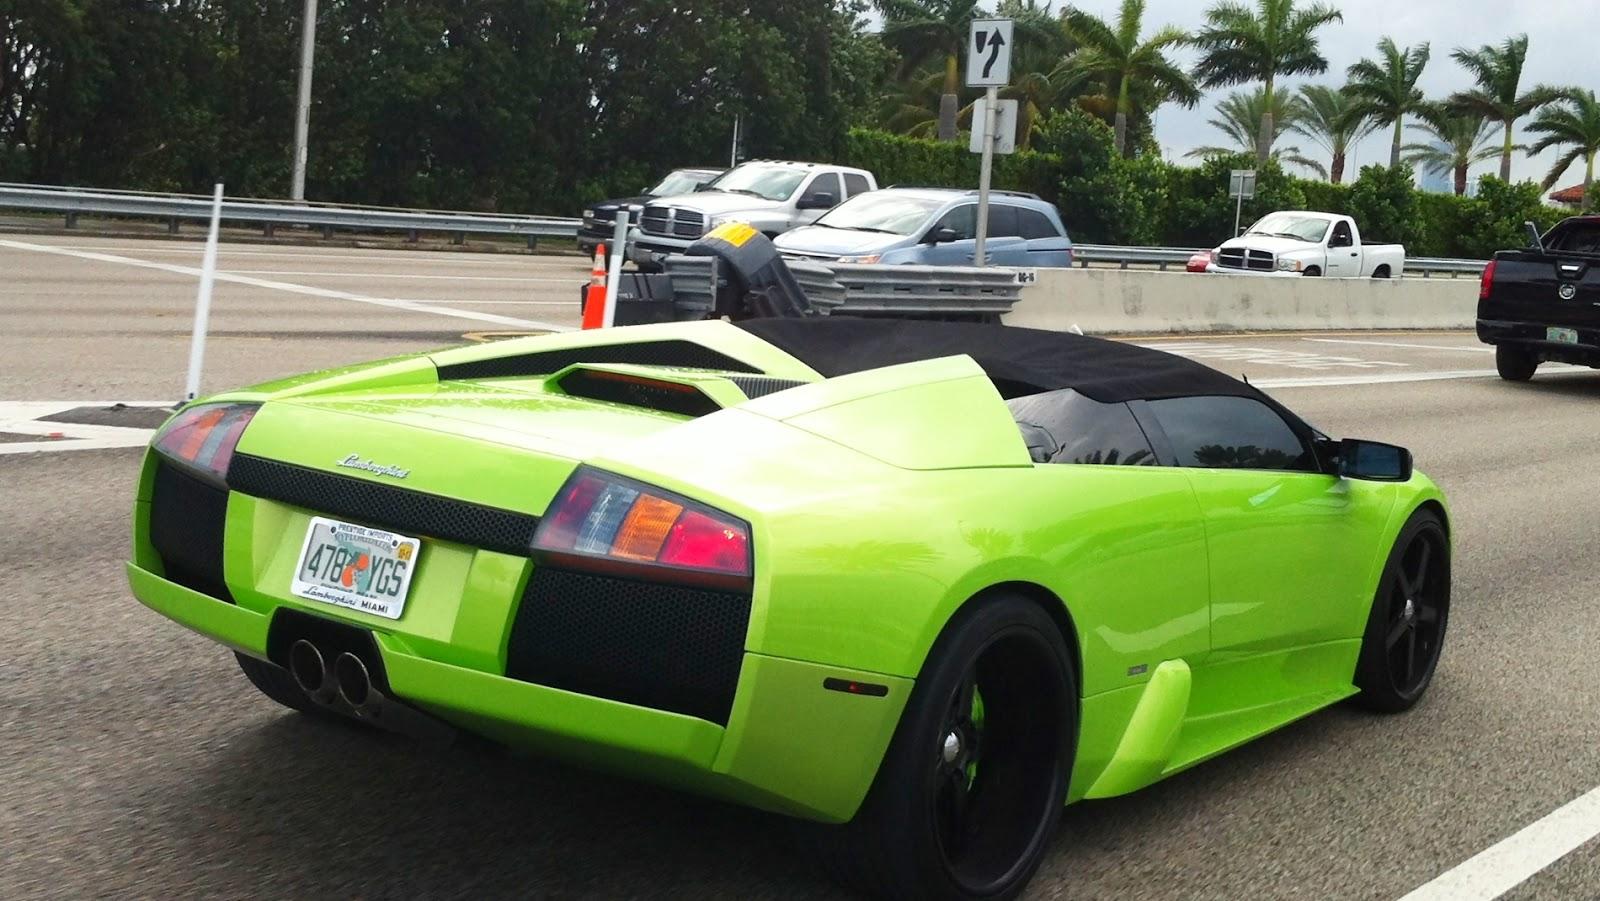 Green And Black Lamborghini 26 - 267.7KB